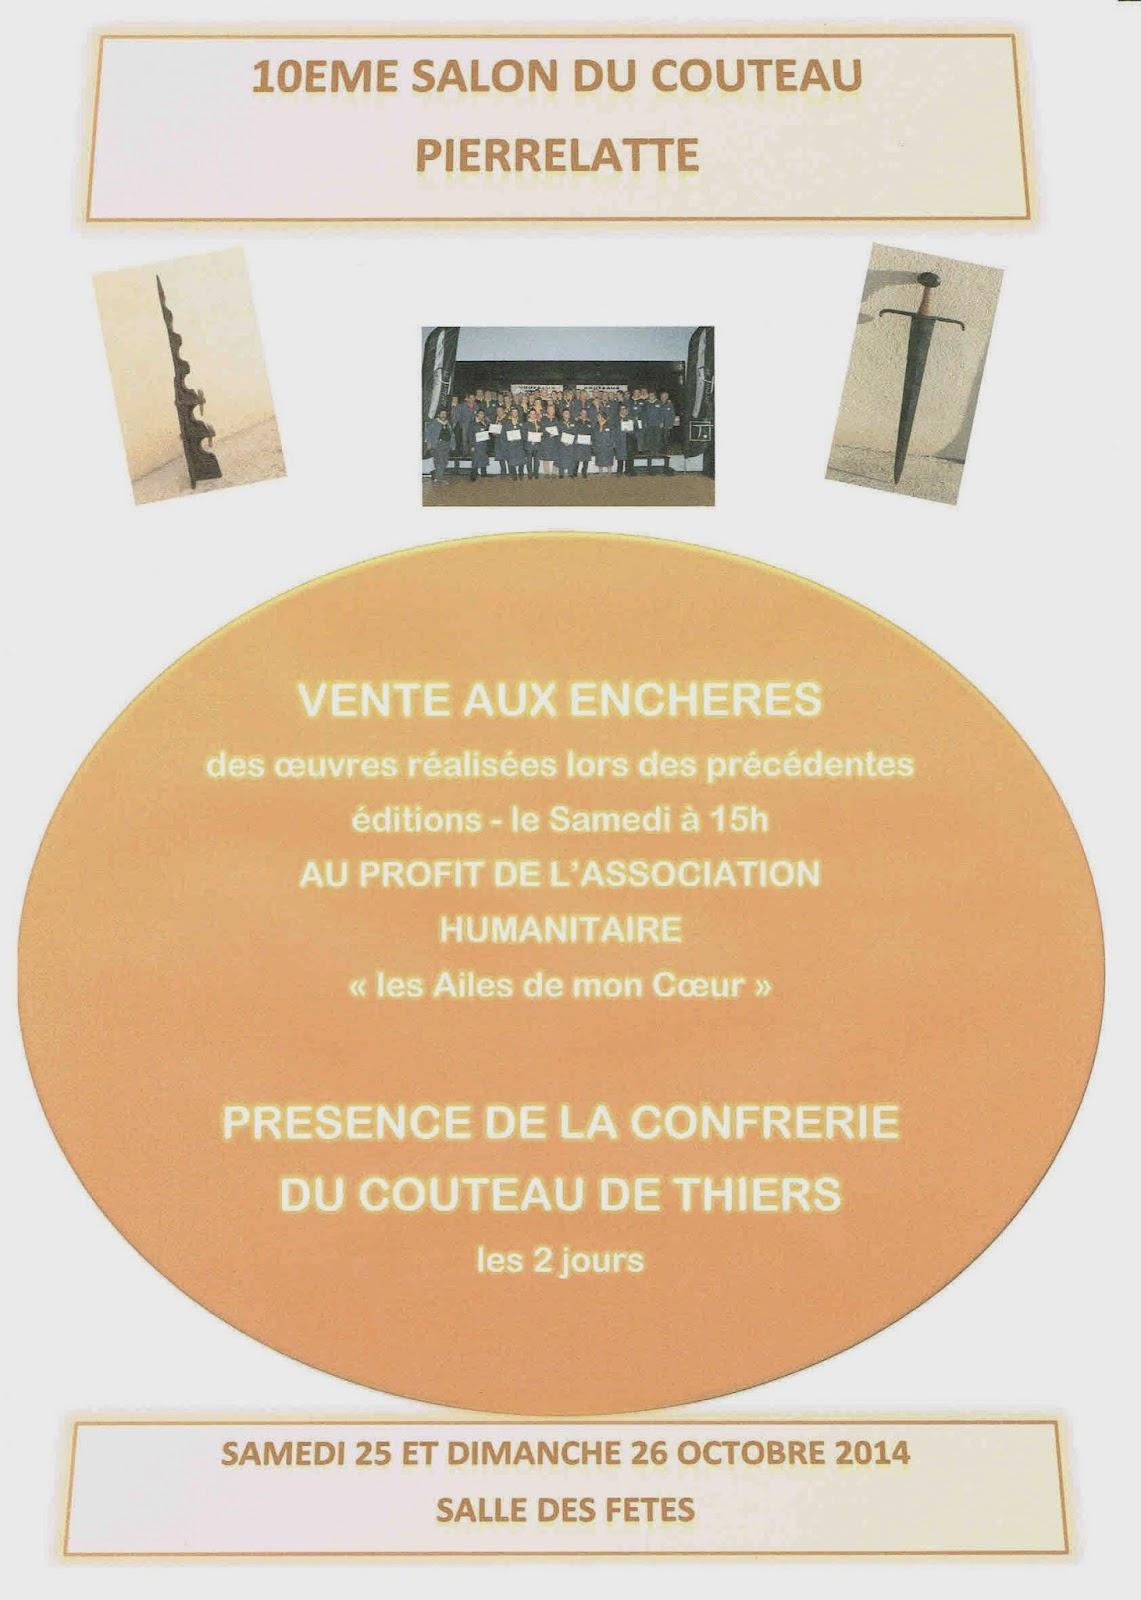 Salon du couteau d 39 art de pierrelatte for Salon du couteau paris